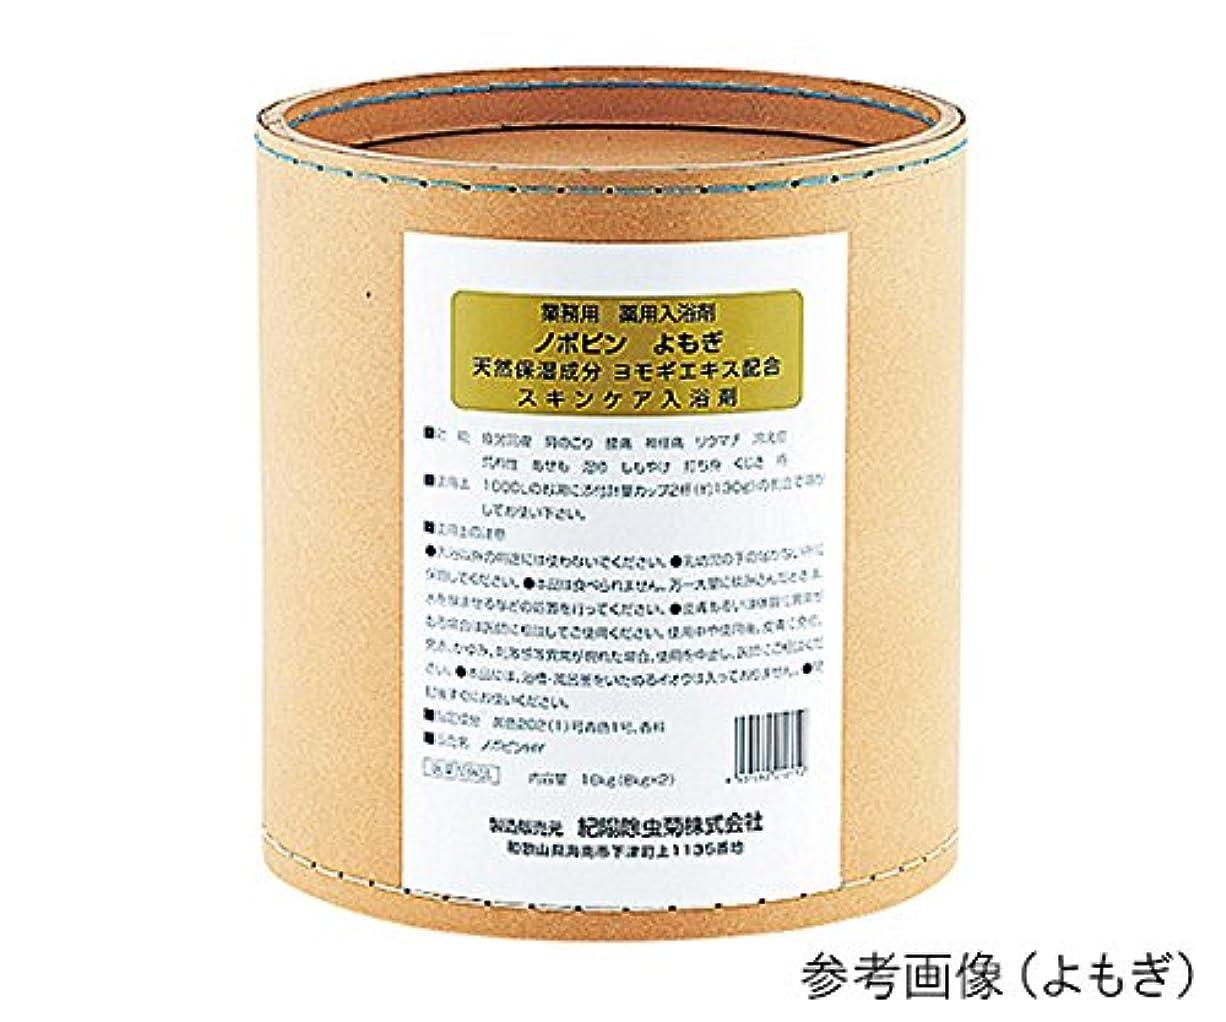 目覚める海洋の推測する紀陽除虫菊7-2541-02業務用薬用入浴剤(ノボピン)アロエ(8kg×2個入)